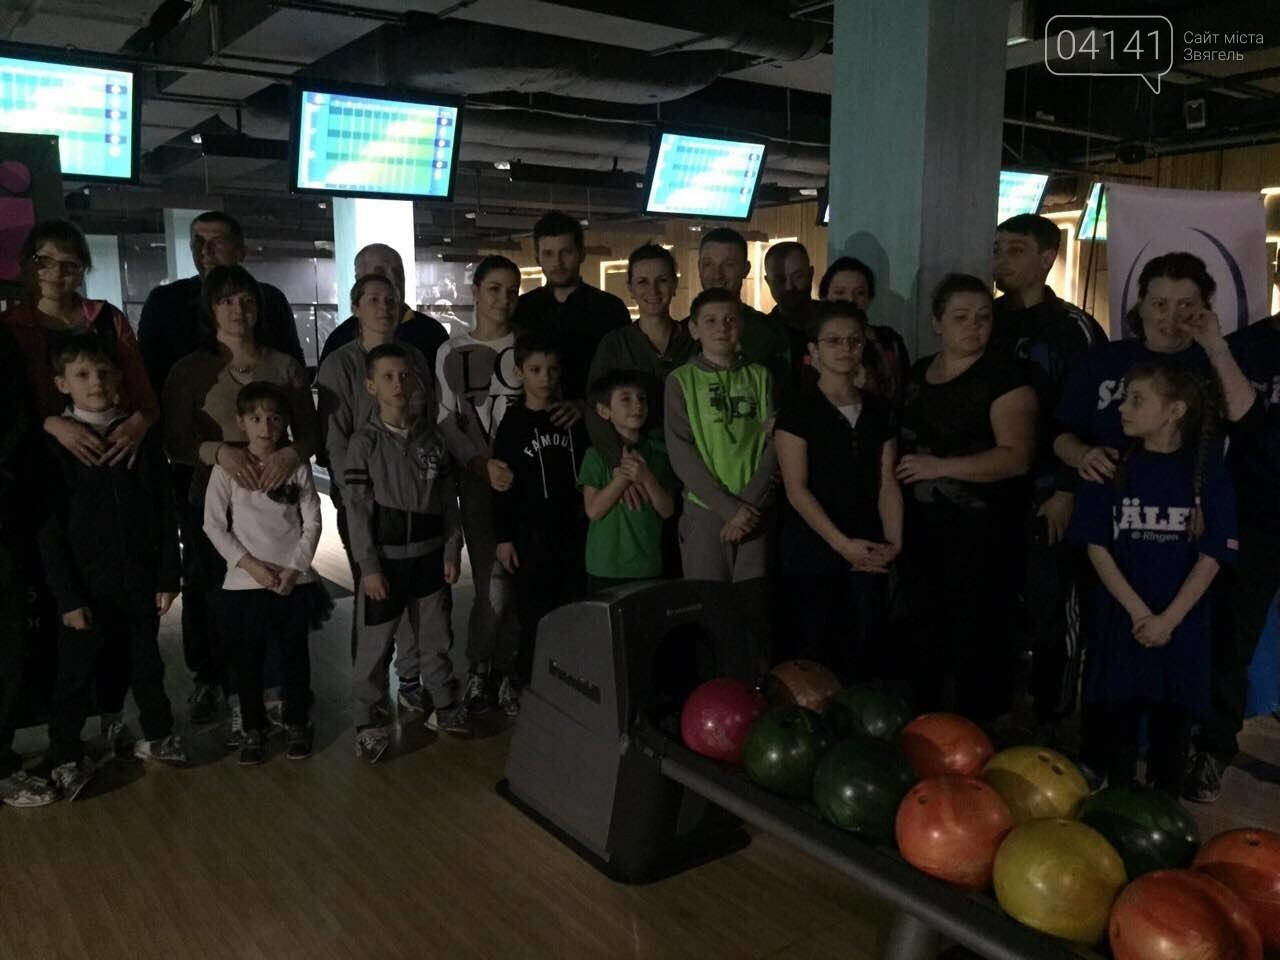 Сім'я Гарбовських з Новограда-Волинського взяла участь в обласному фестивалі «Мама, тато, я – спортивна сім'я», фото-1